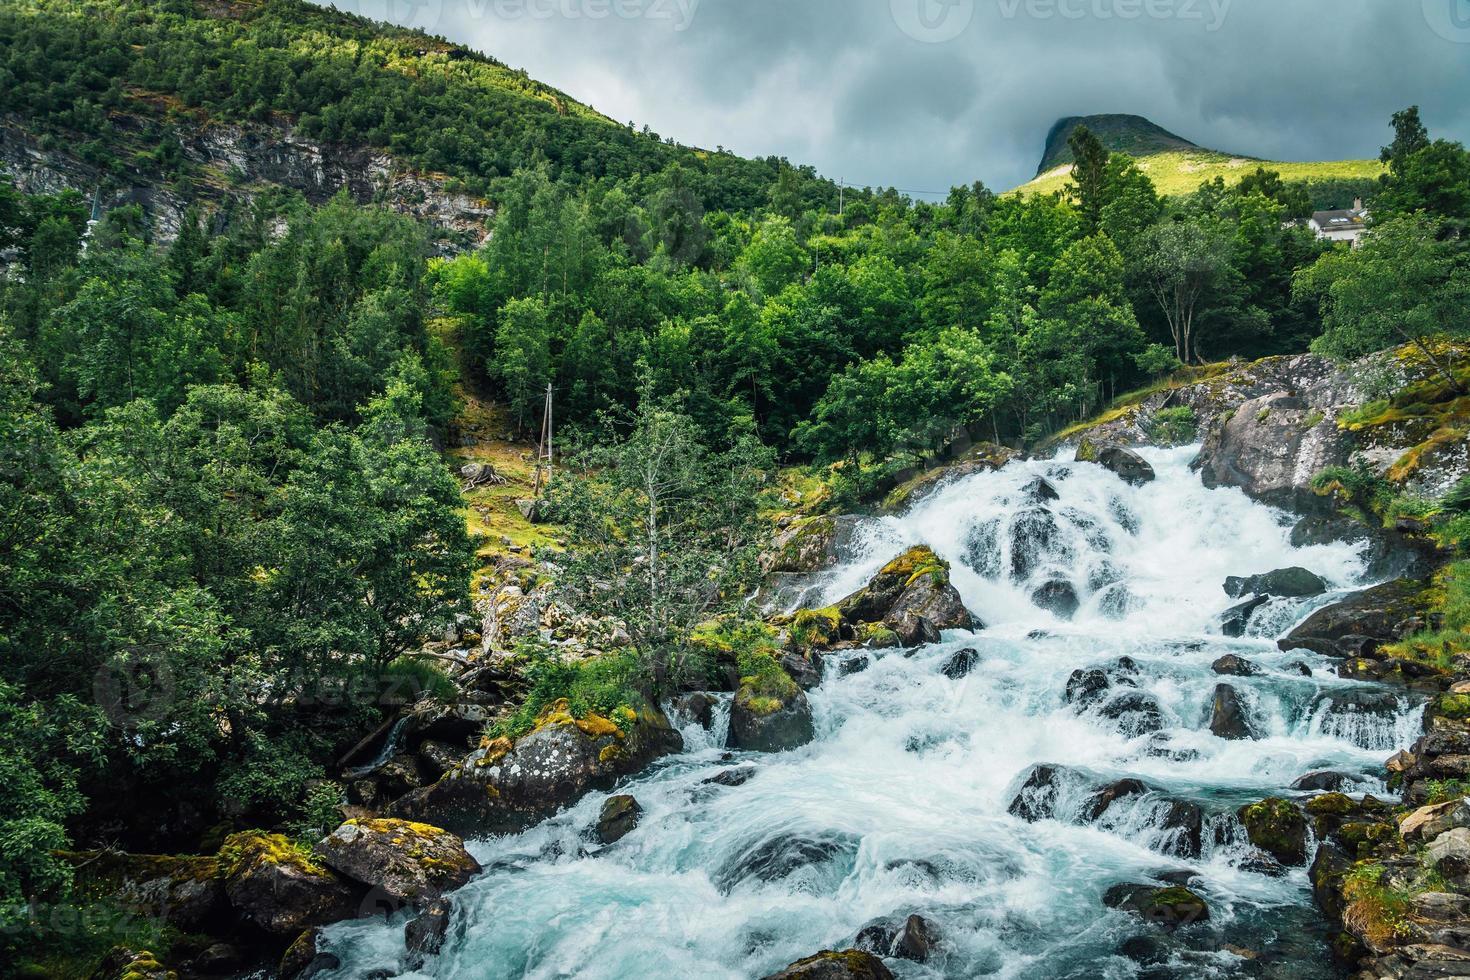 Descarga de agua por la ladera de una montaña en Geiranger en Noruega foto